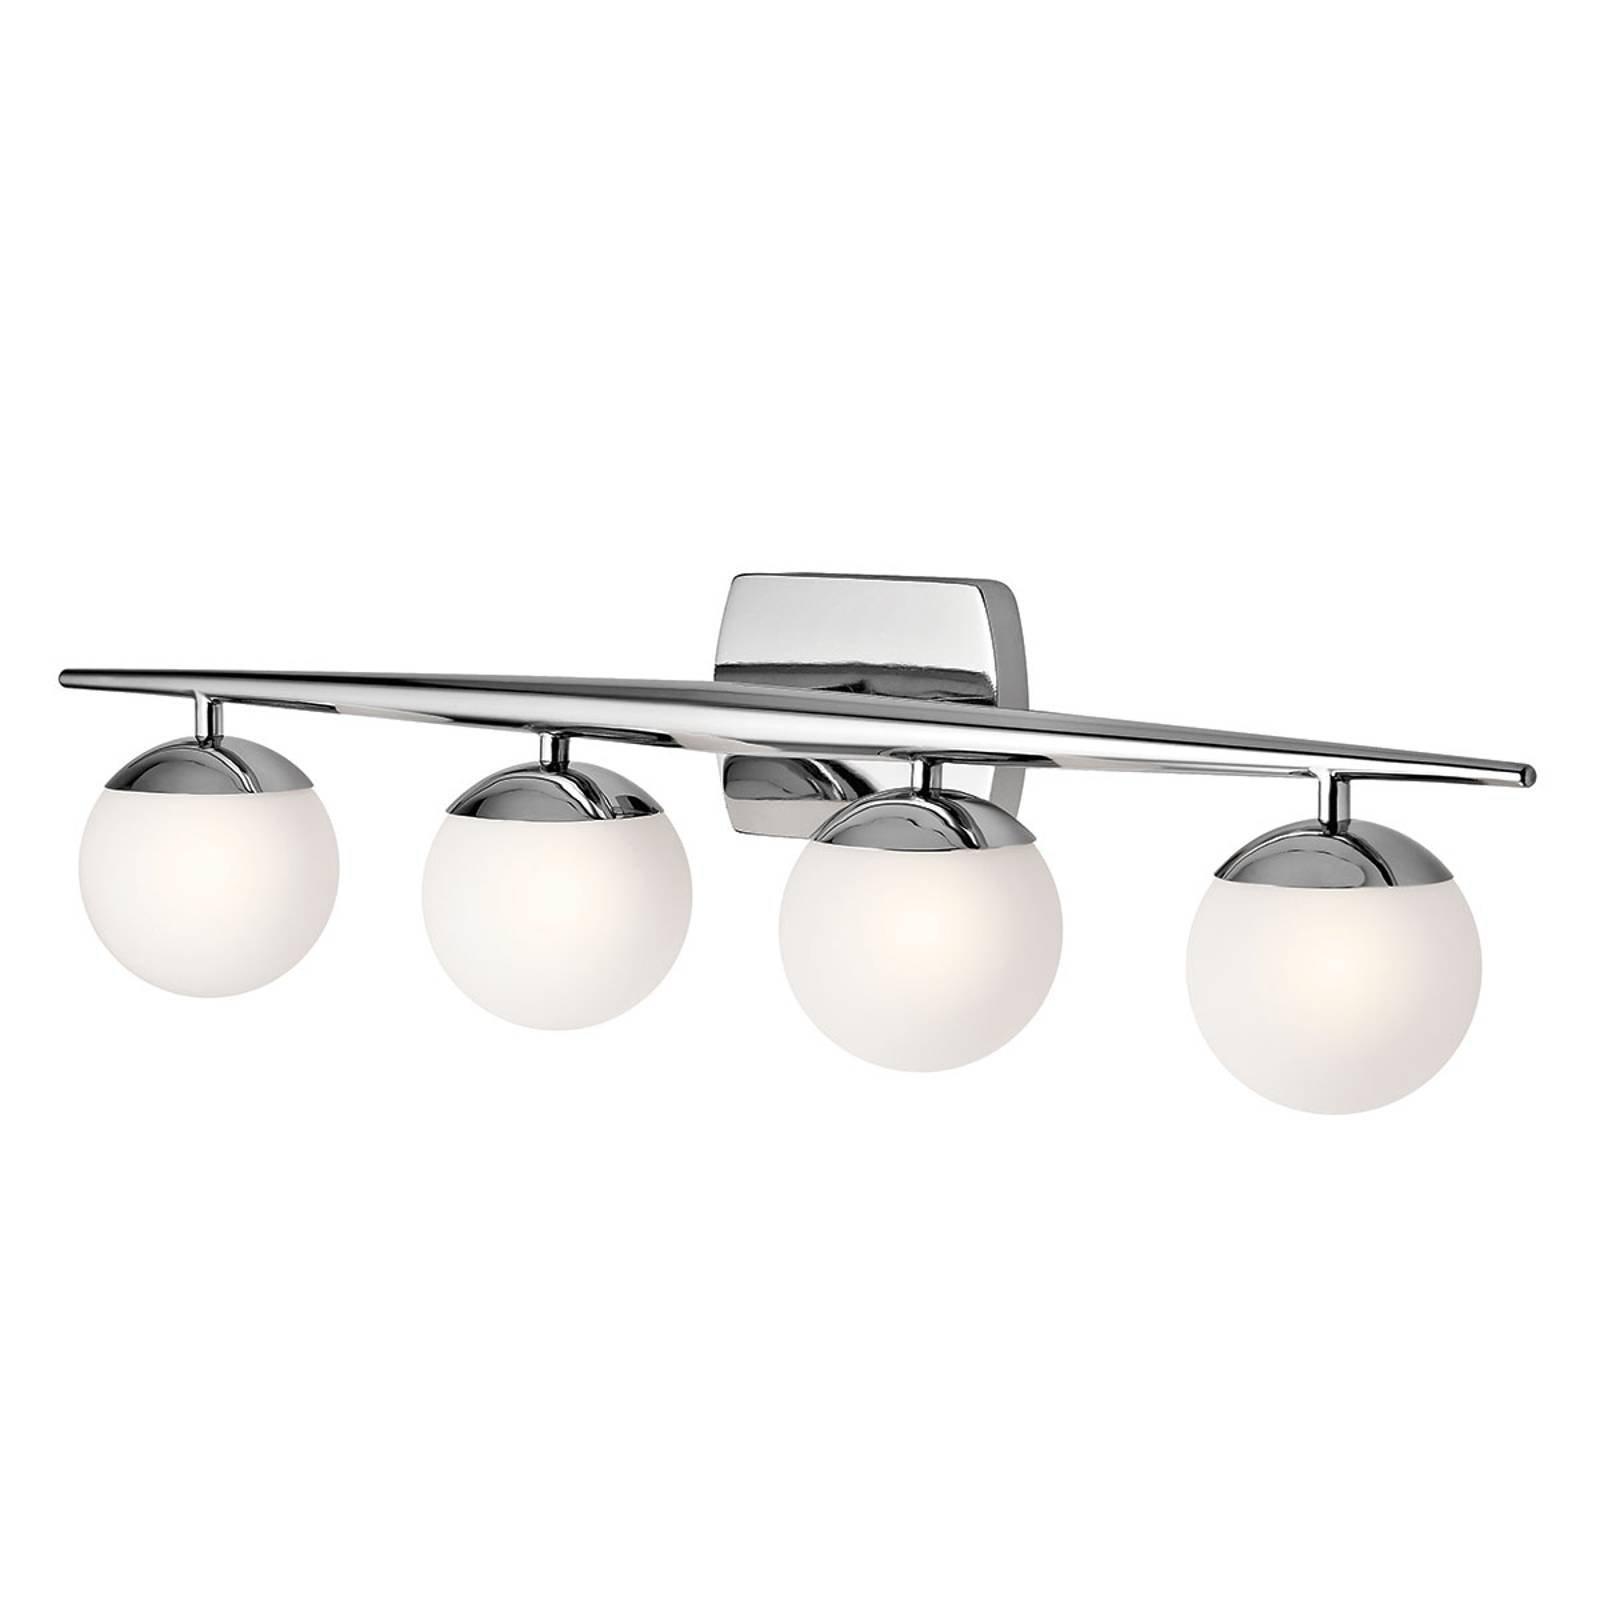 LED-vegglampe til bad Jasper, 4 lyskilde